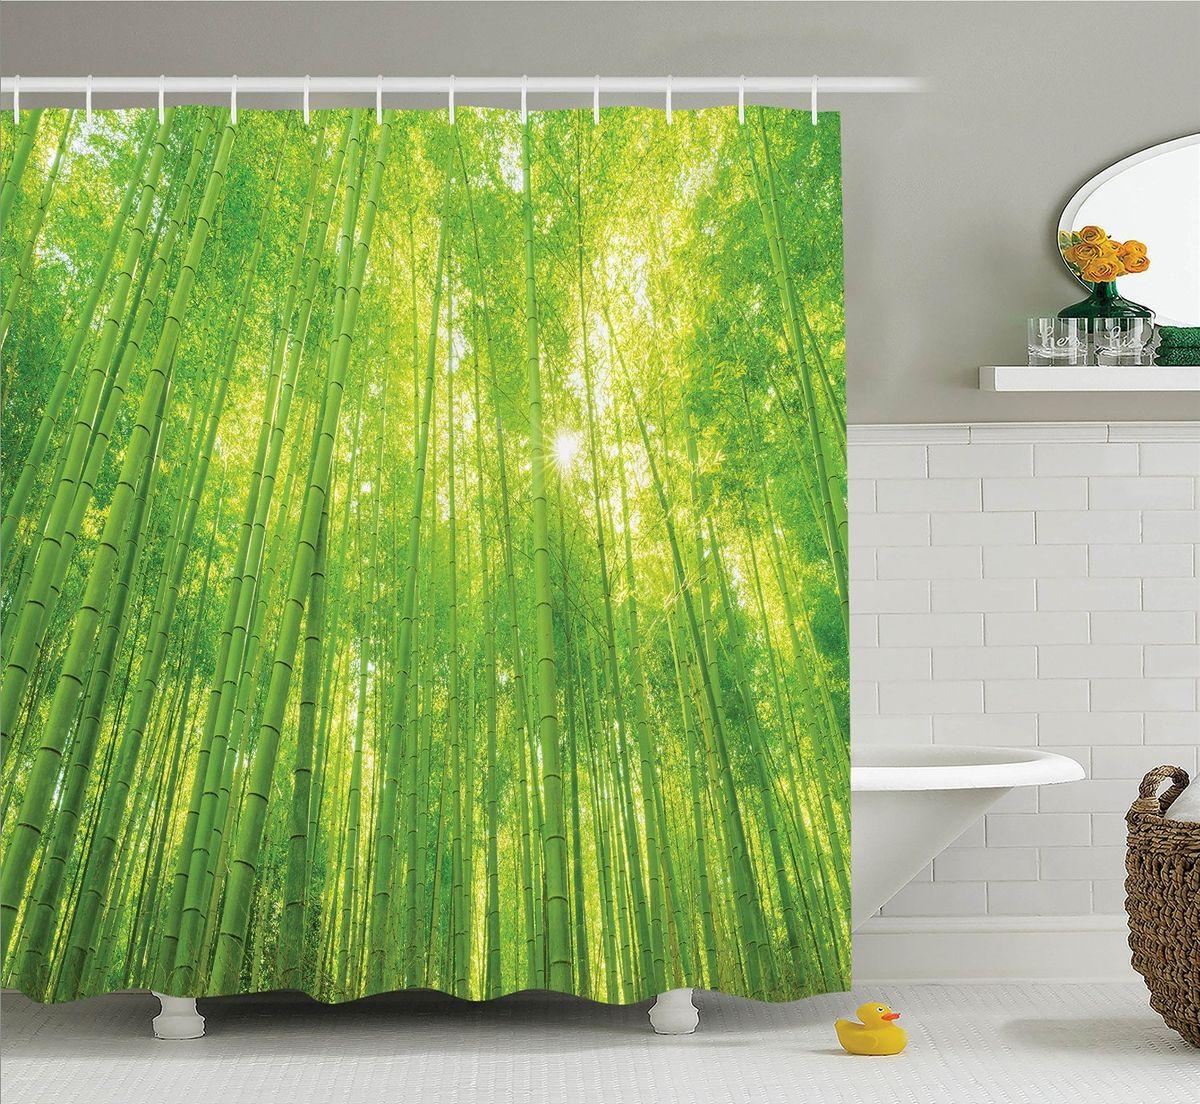 Штора для ванной комнаты Magic Lady Бамбуковый лес, 180 х 200 смшв_10227Штора Magic Lady Бамбуковый лес, изготовленная из высококачественного сатена (полиэстер 100%), отлично дополнит любой интерьер ванной комнаты. При изготовлении используются специальные гипоаллергенные чернила для прямой печати по ткани, безопасные для человека.В комплекте: 1 штора, 12 крючков. Обращаем ваше внимание, фактический цвет изделия может незначительно отличаться от представленного на фото.